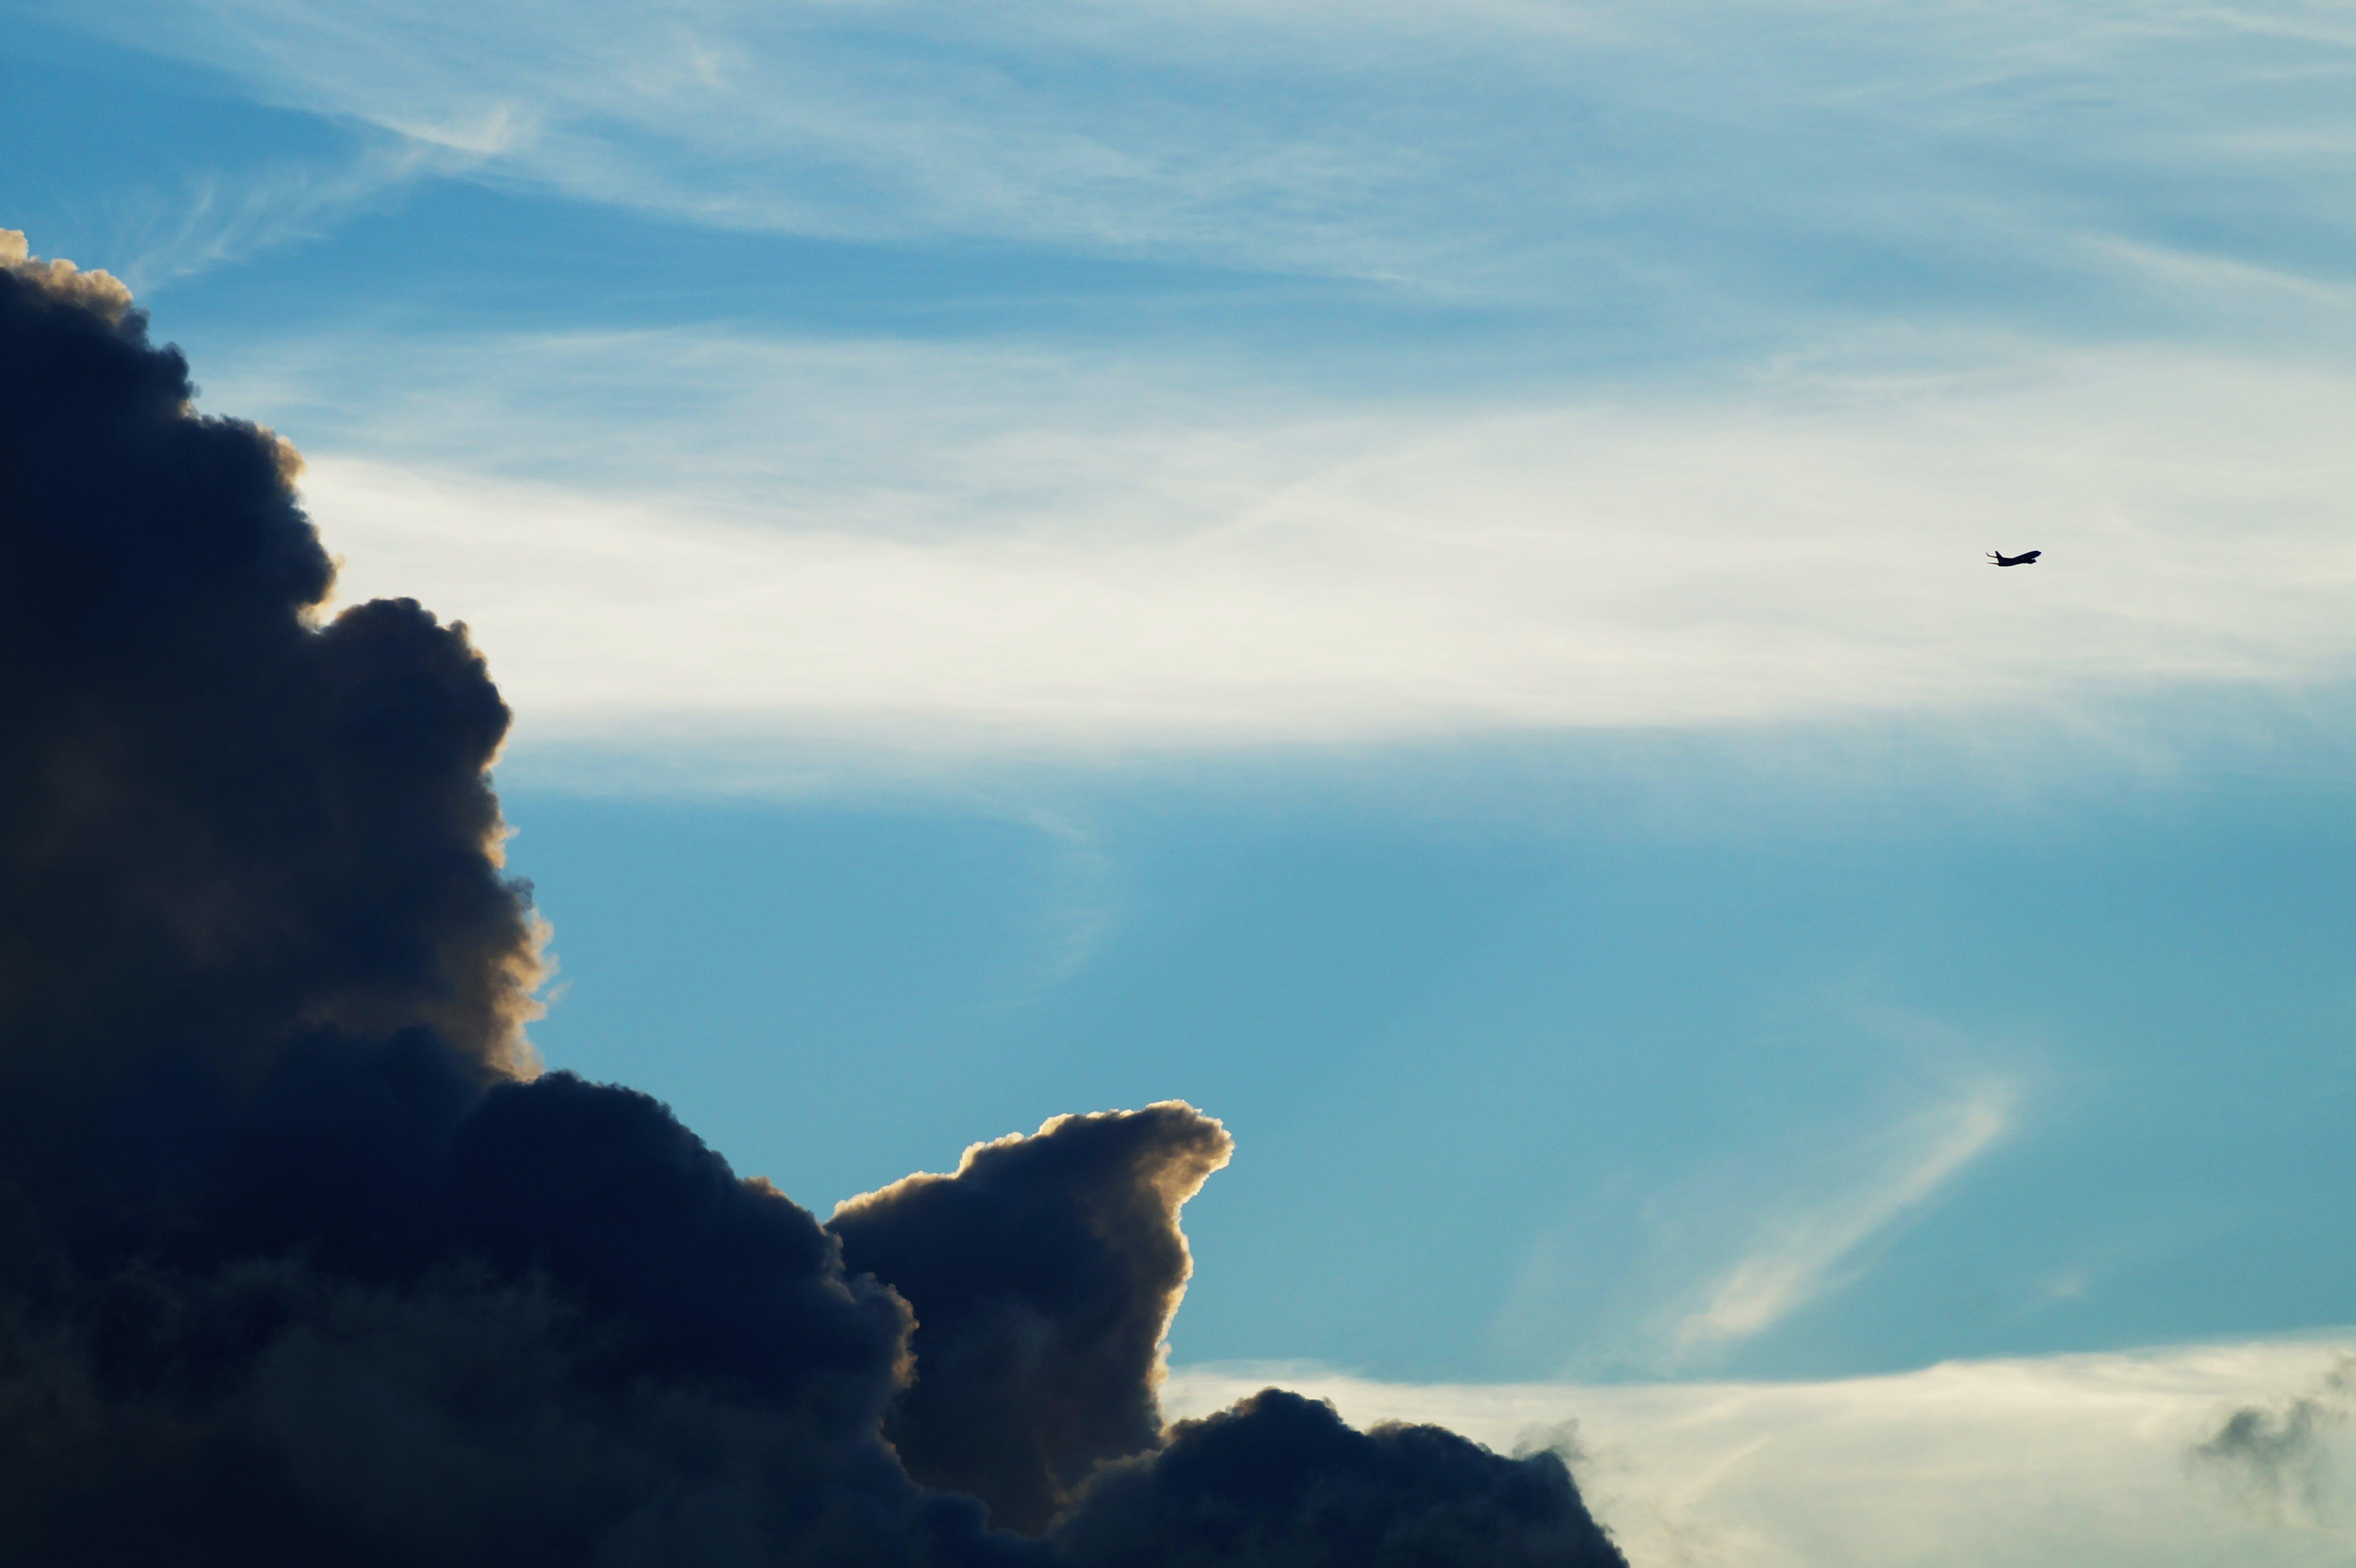 Kostenloses Stock Foto zu dämmerung, flug, flugzeug, himmel